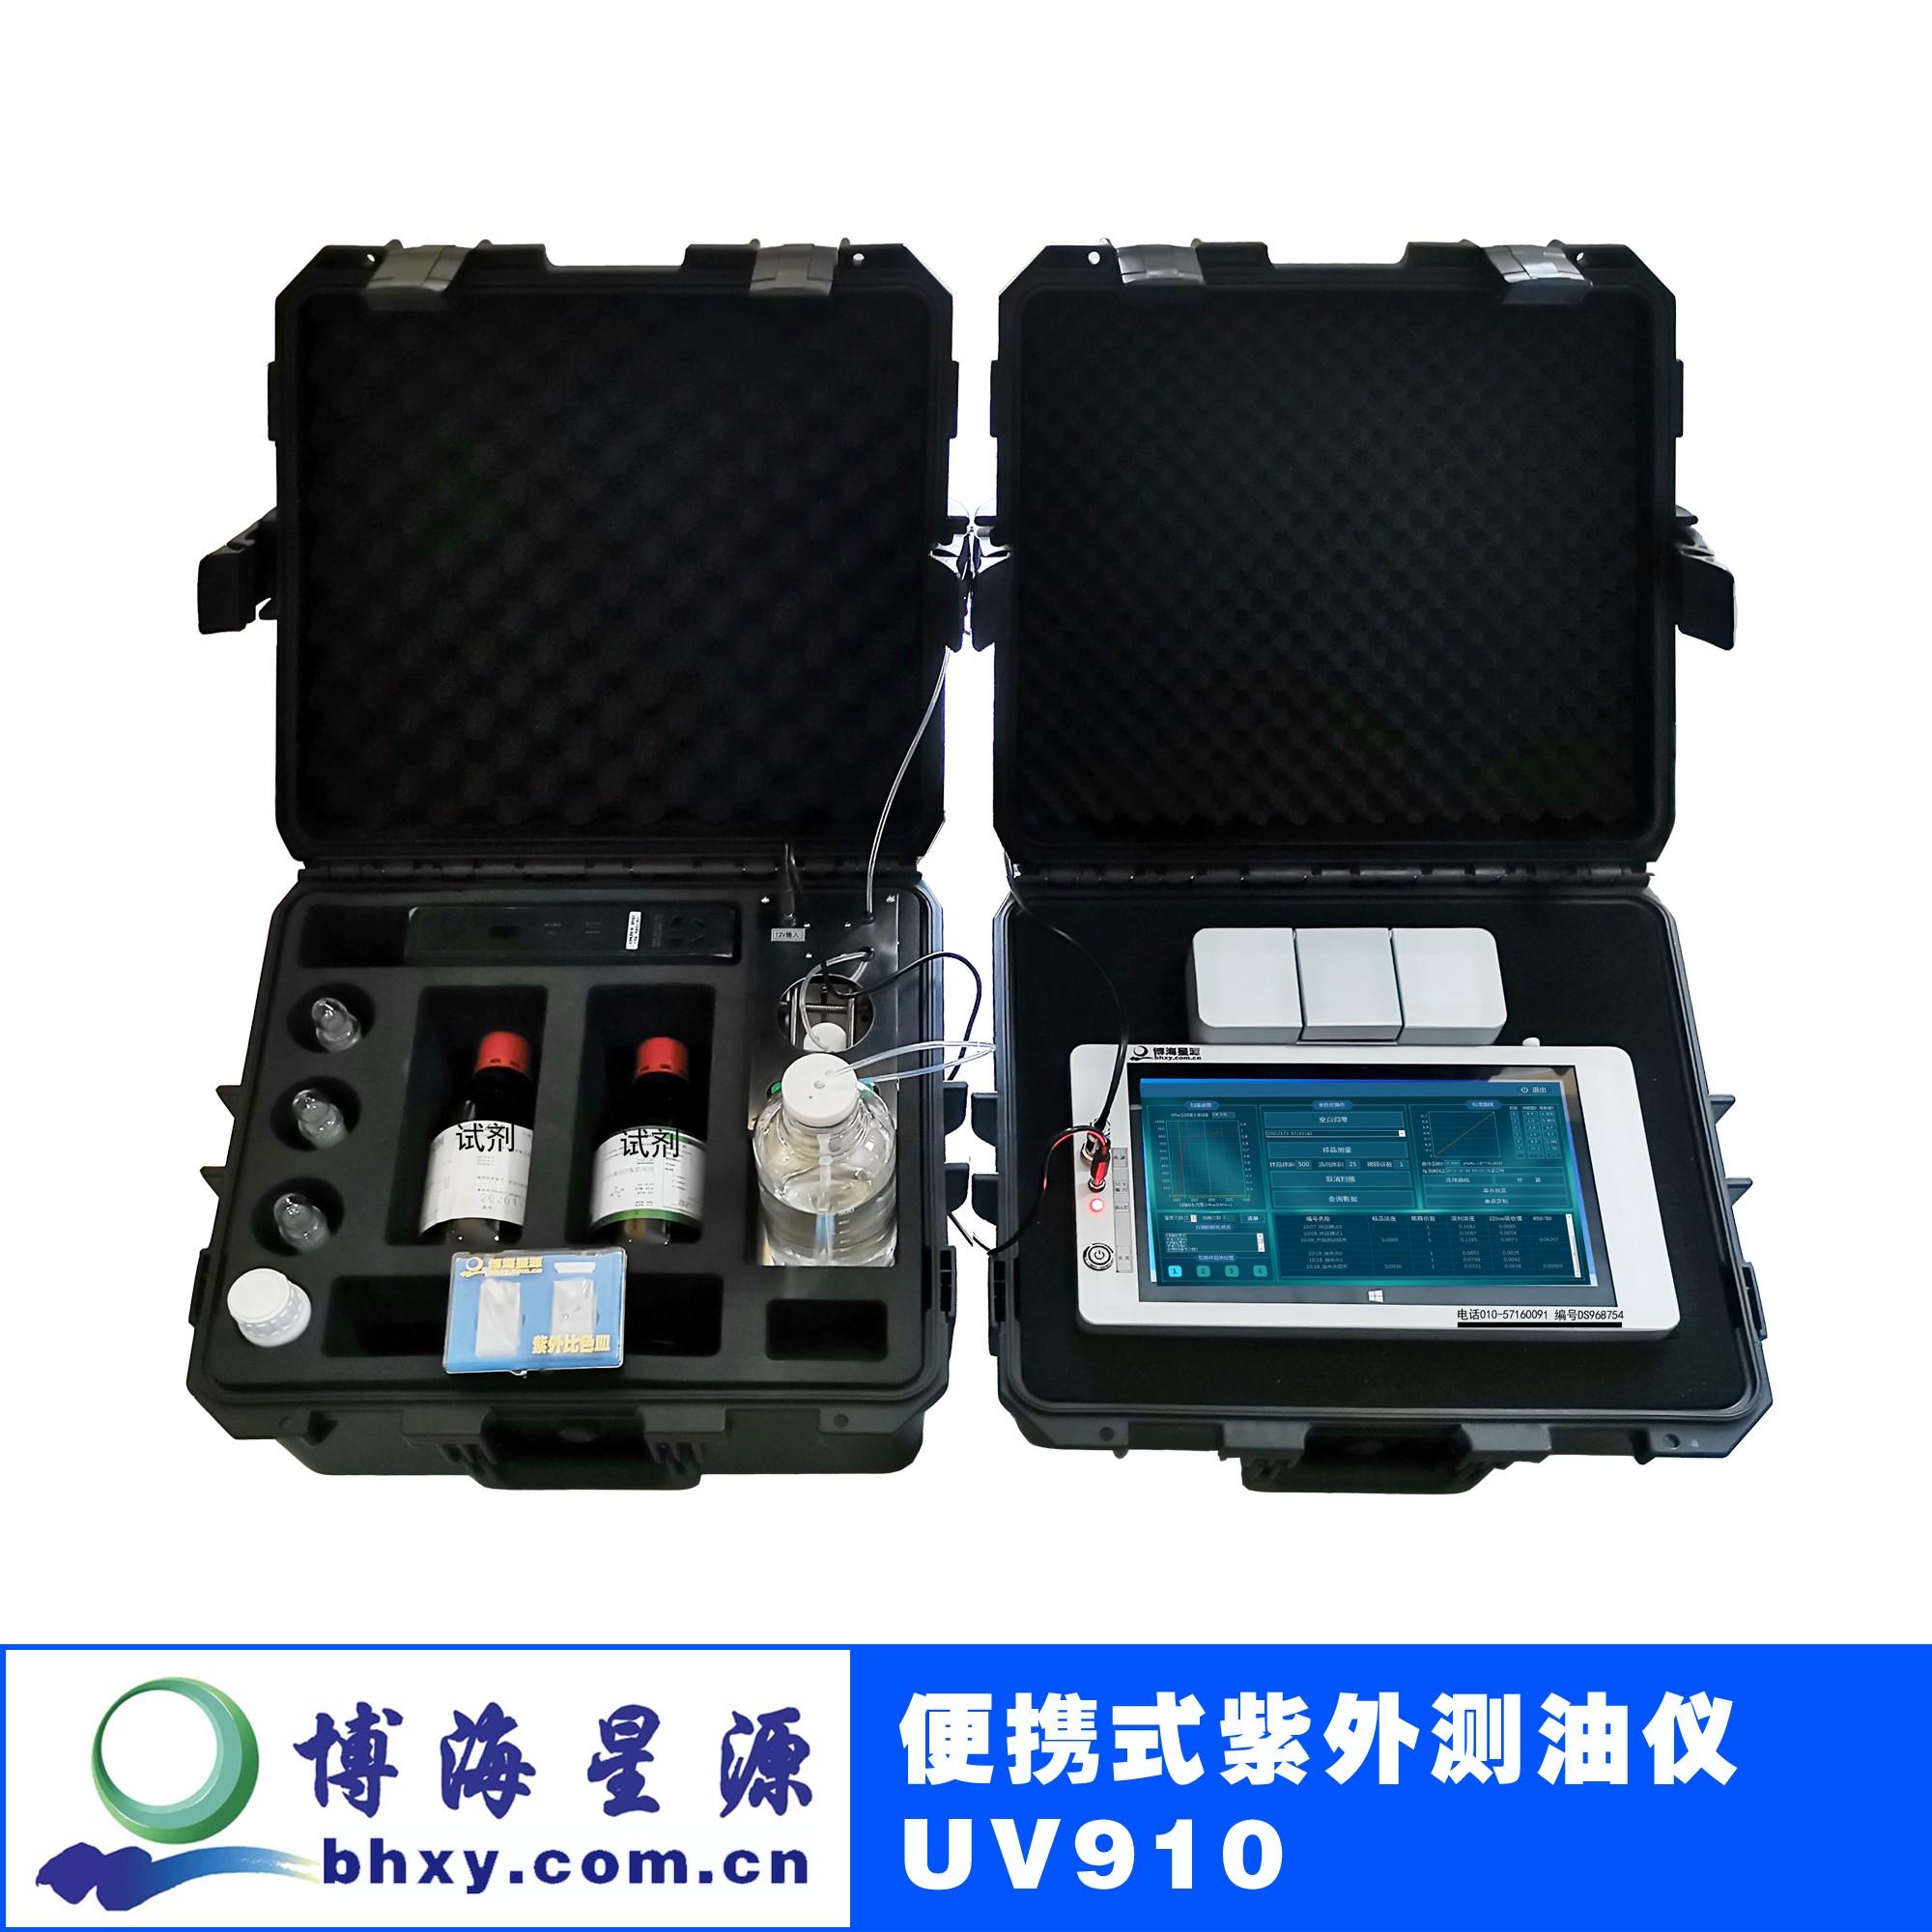 便携式紫外测油仪UV910.jpg